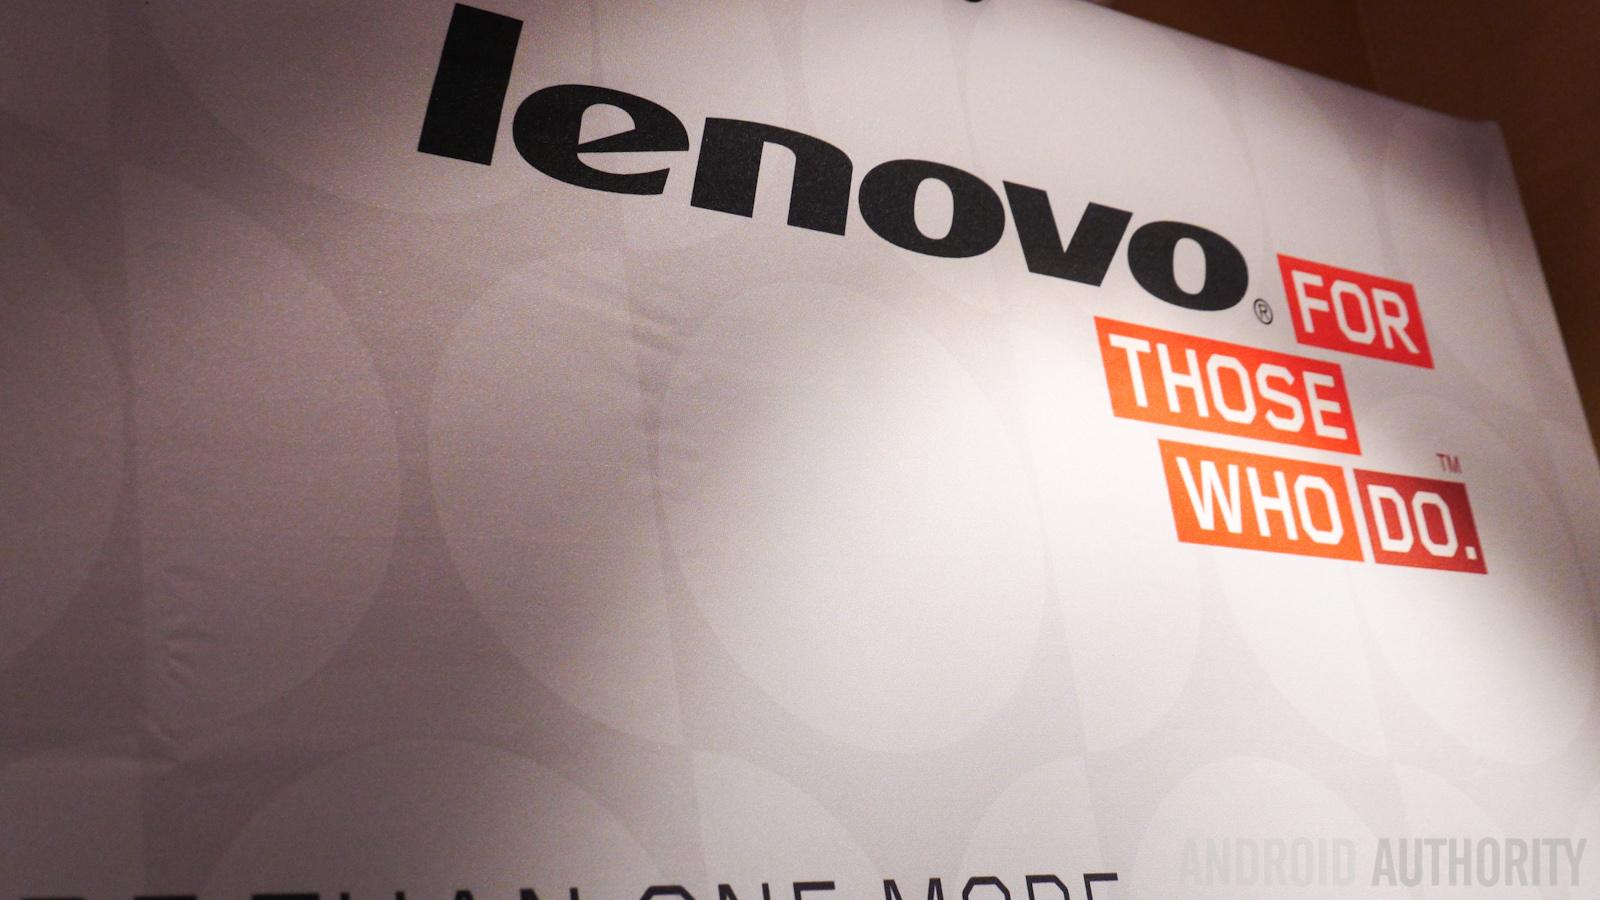 Lenovo Brand 2014 CES 3